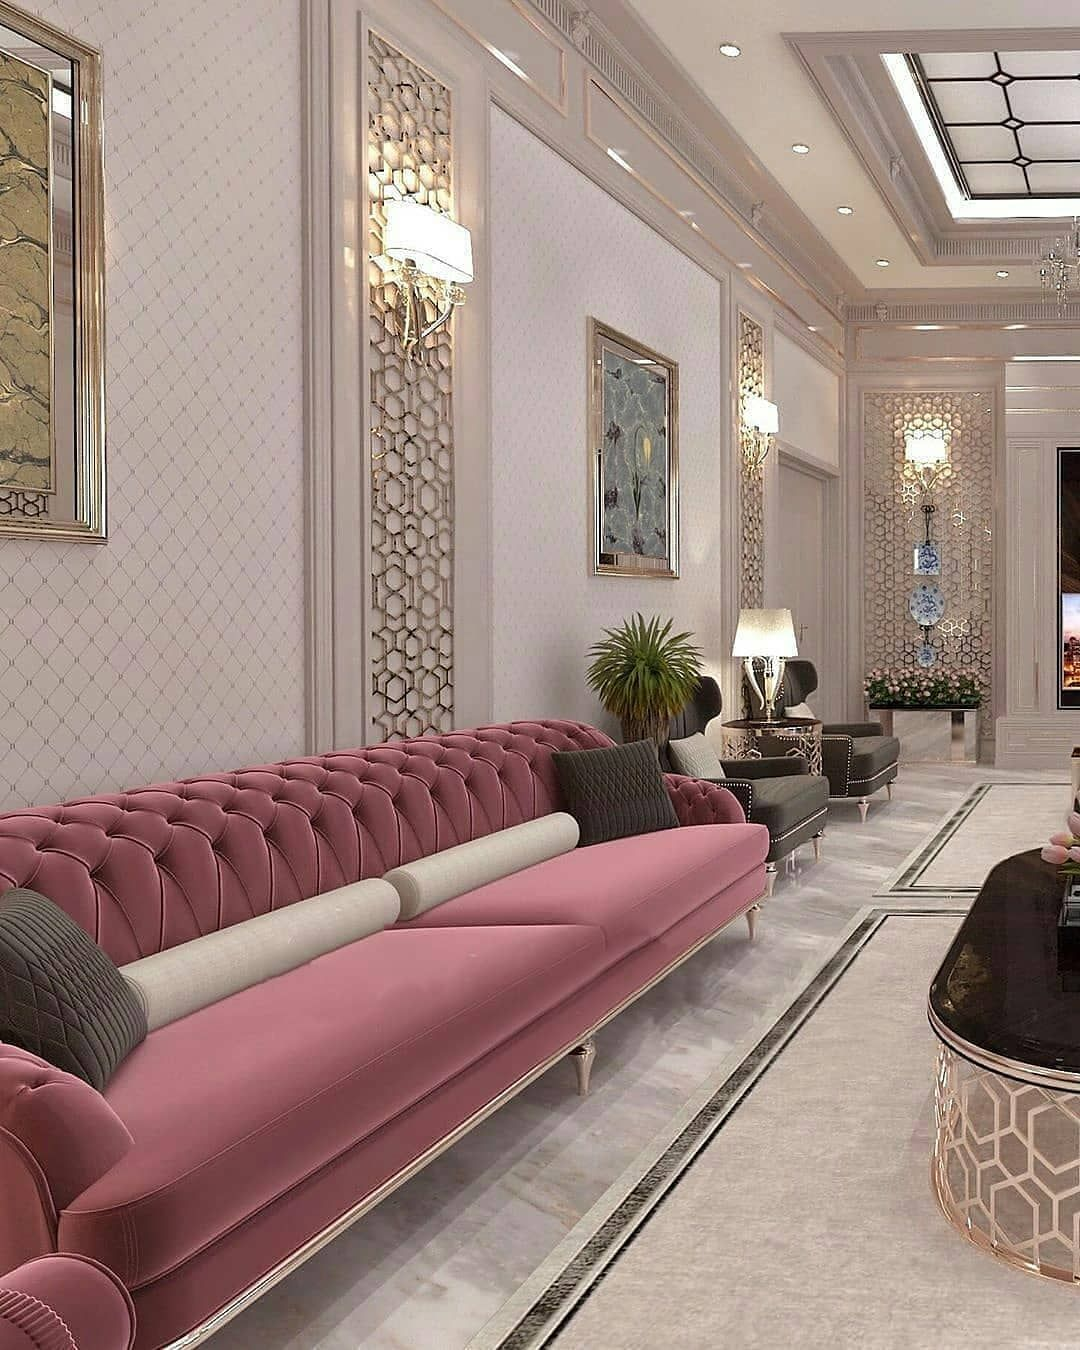 1 847 Likes 68 Comments Mobilya Dekor Duzen Aksesuar Home Dizayn On Instagram 1 10 Luxury Living Room Design Luxury Living Room Living Room Decor Cozy